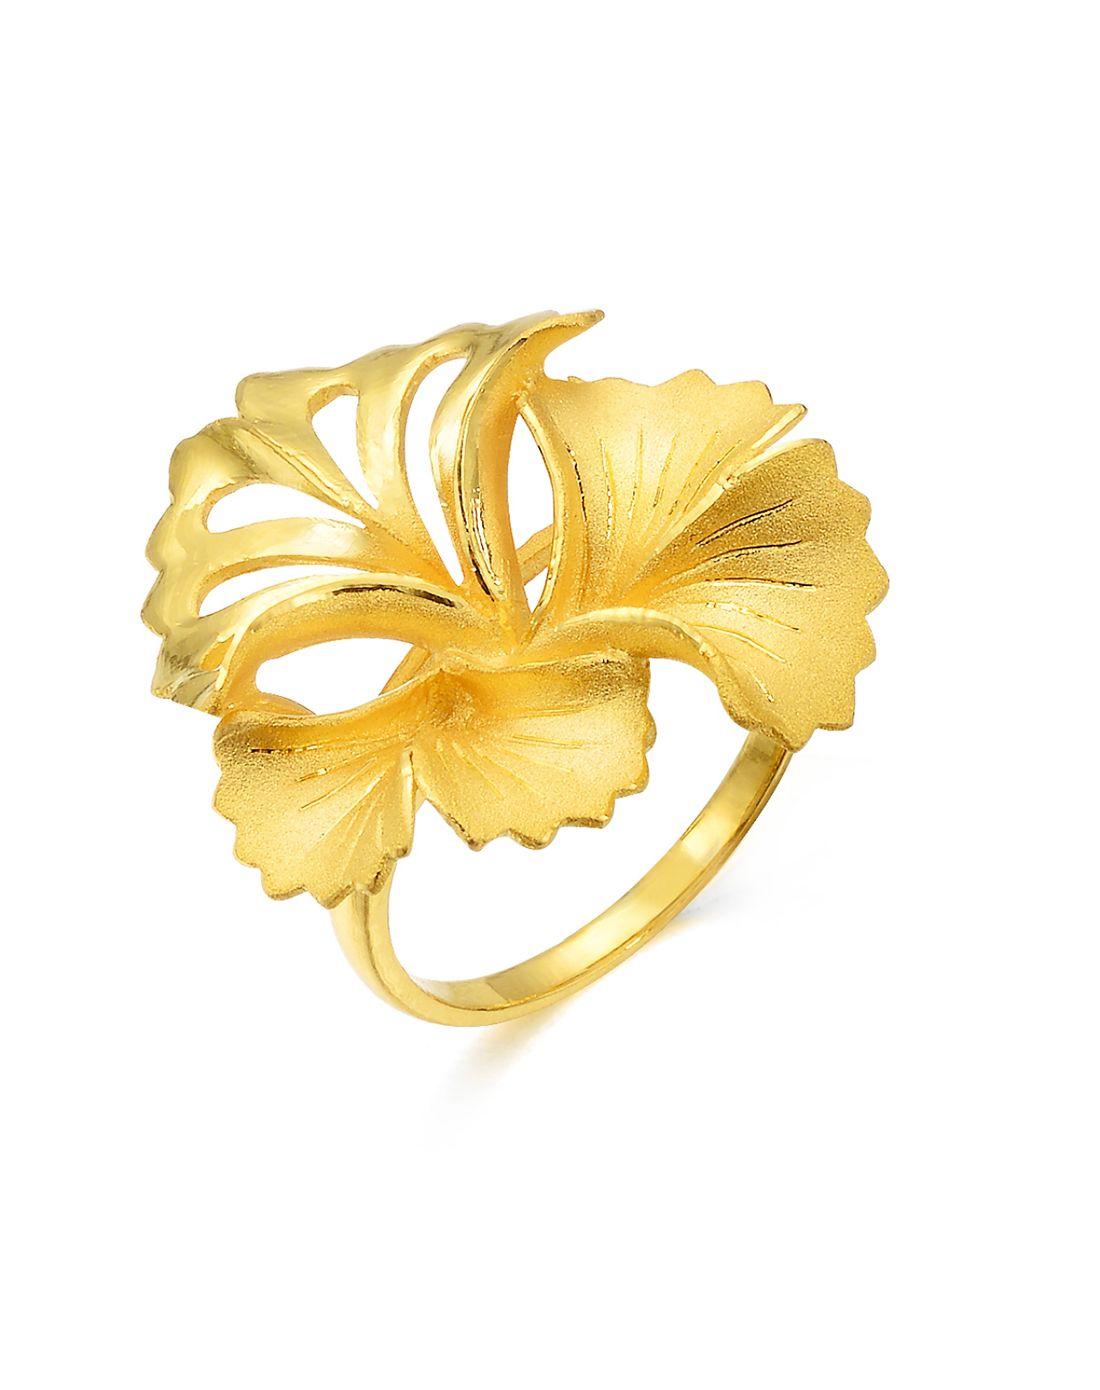 足金银杏叶婚嫁套装戒指图片